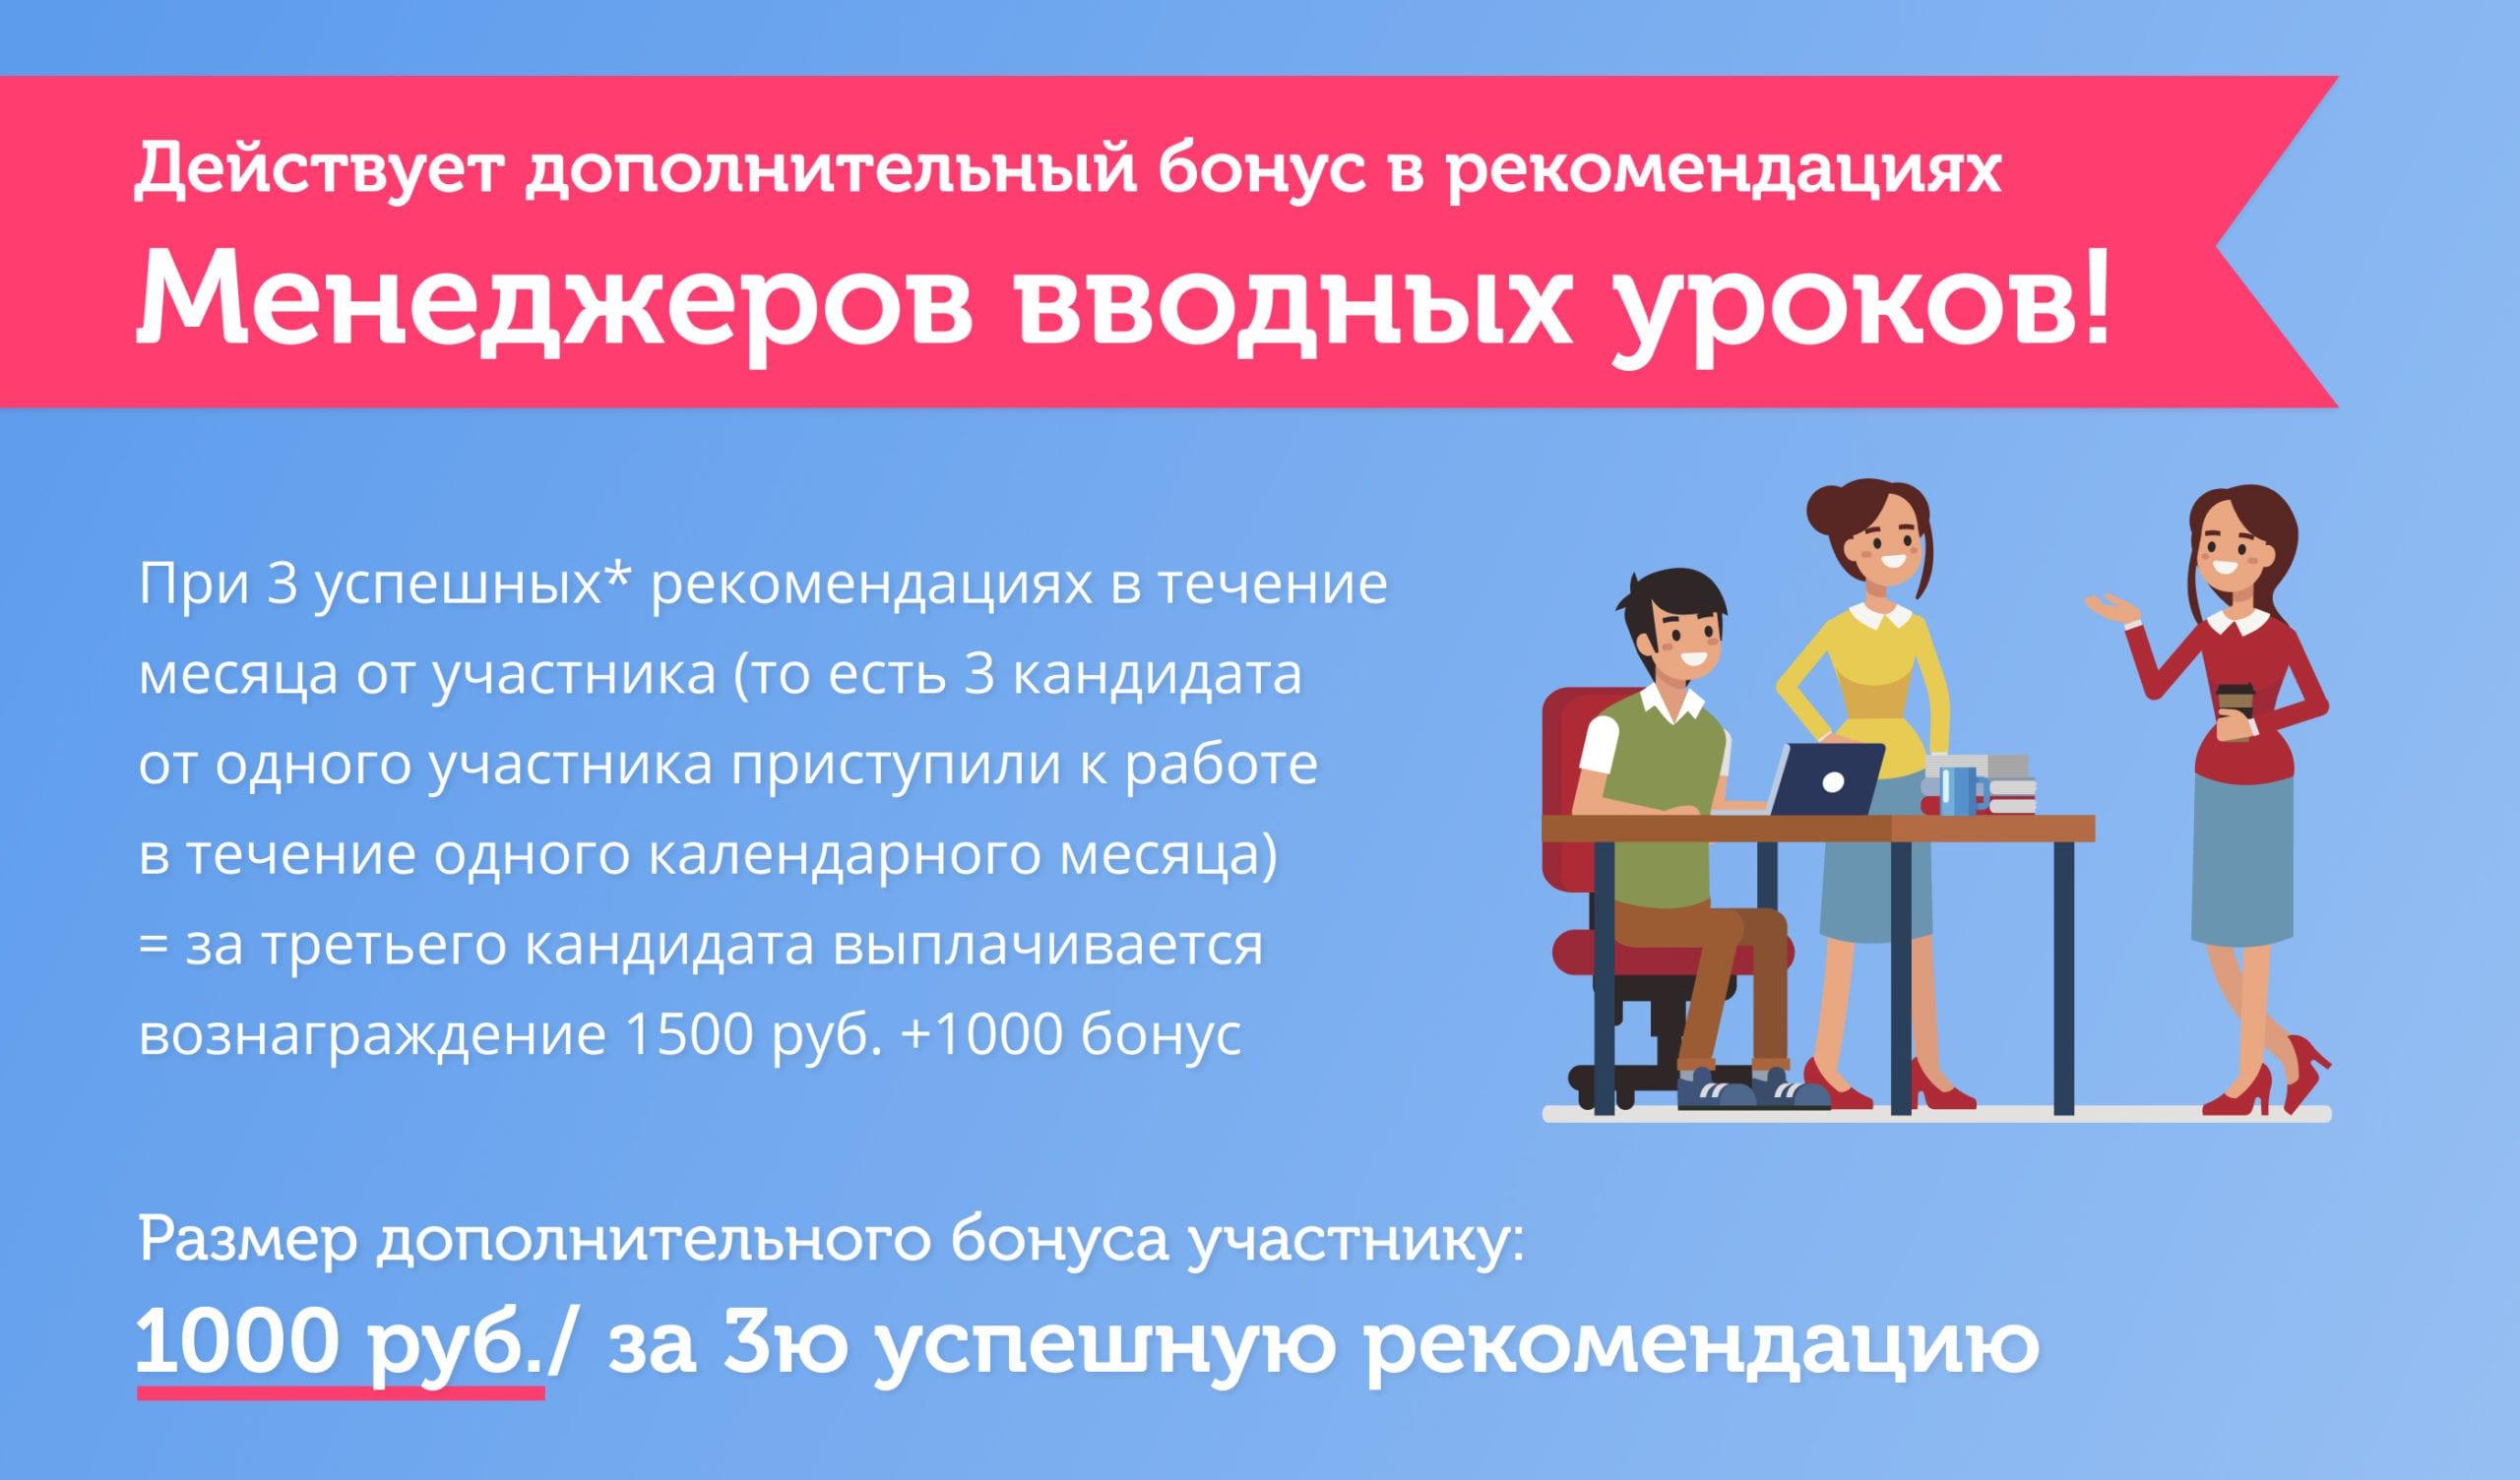 удаленная работа вакансии, работа дома через интернет без вложений, работа в интернете на дому, работа через интернет вакансии, удаленная работа в интернете вакансии, преподаватель английского, работа преподавателем английского вакансии, преподаватель английского,фриланс вакансии